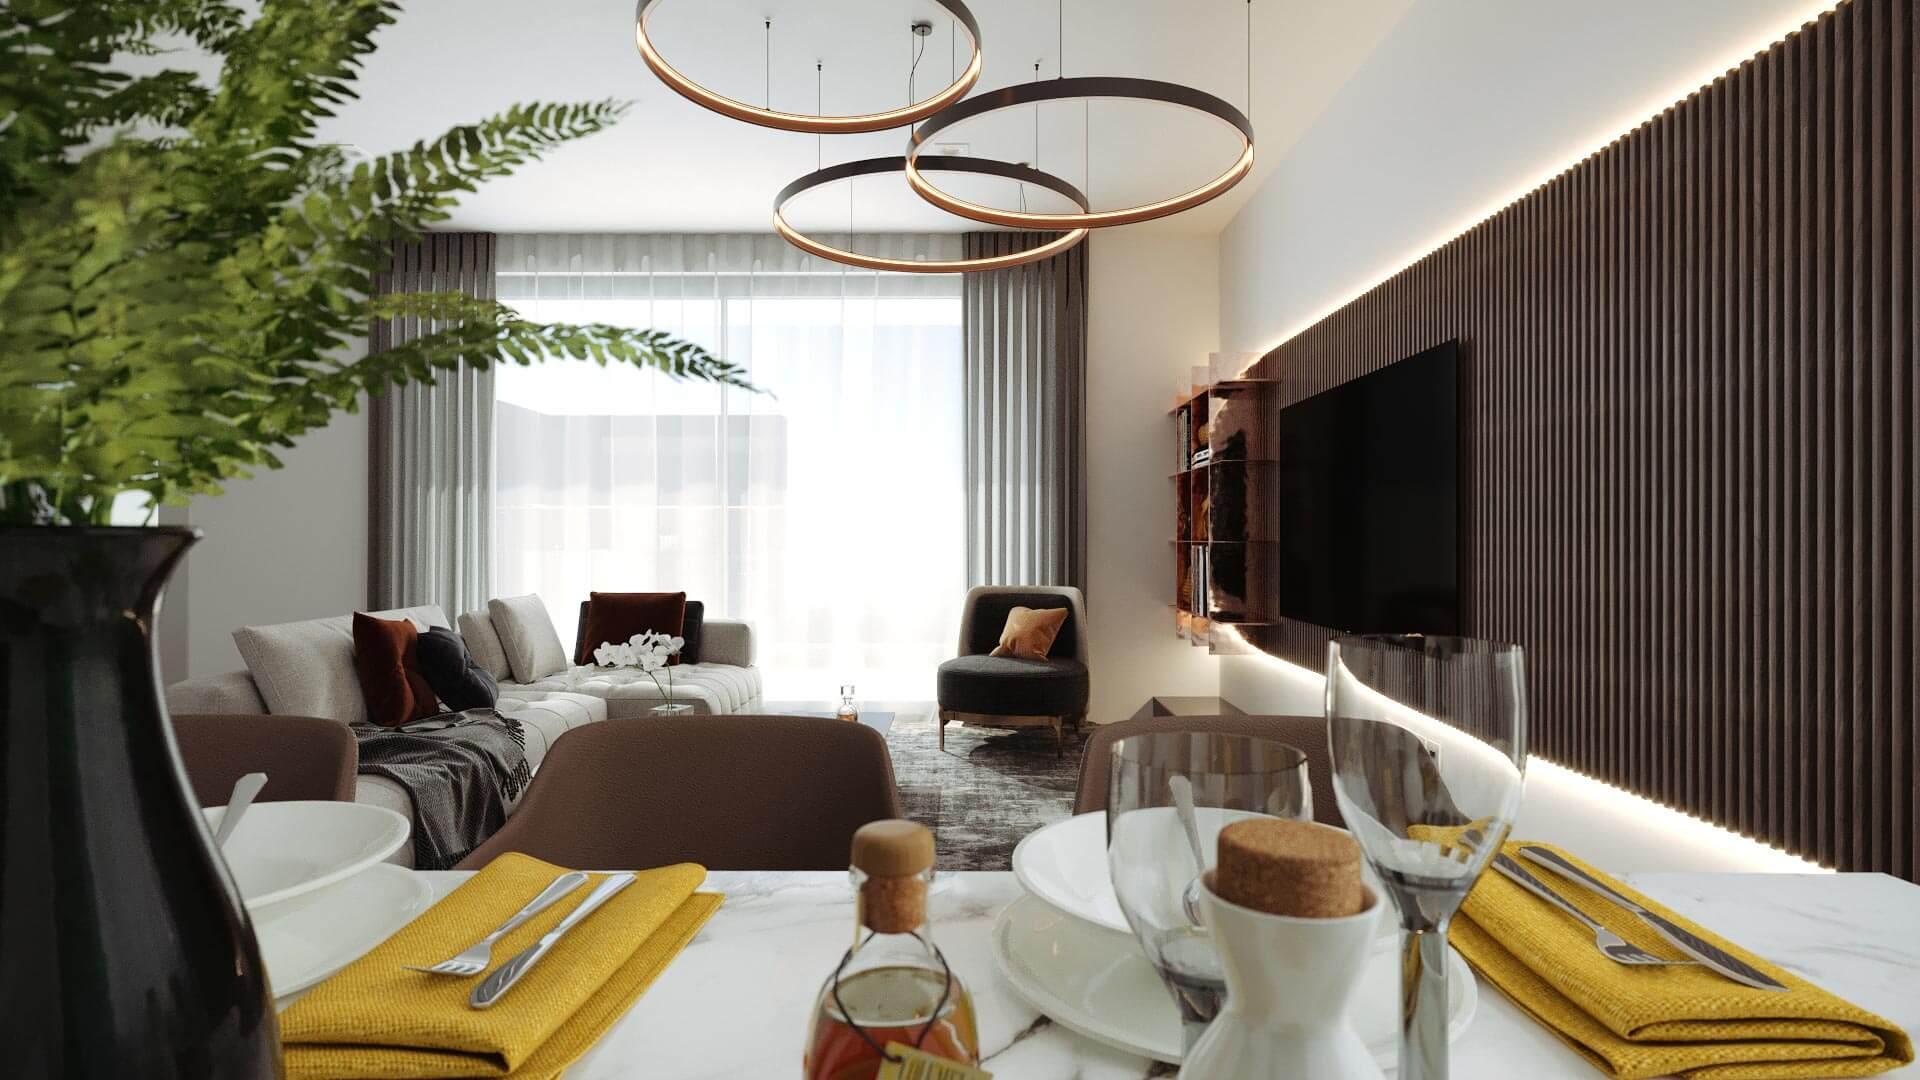 projeto sala - decoração de interior